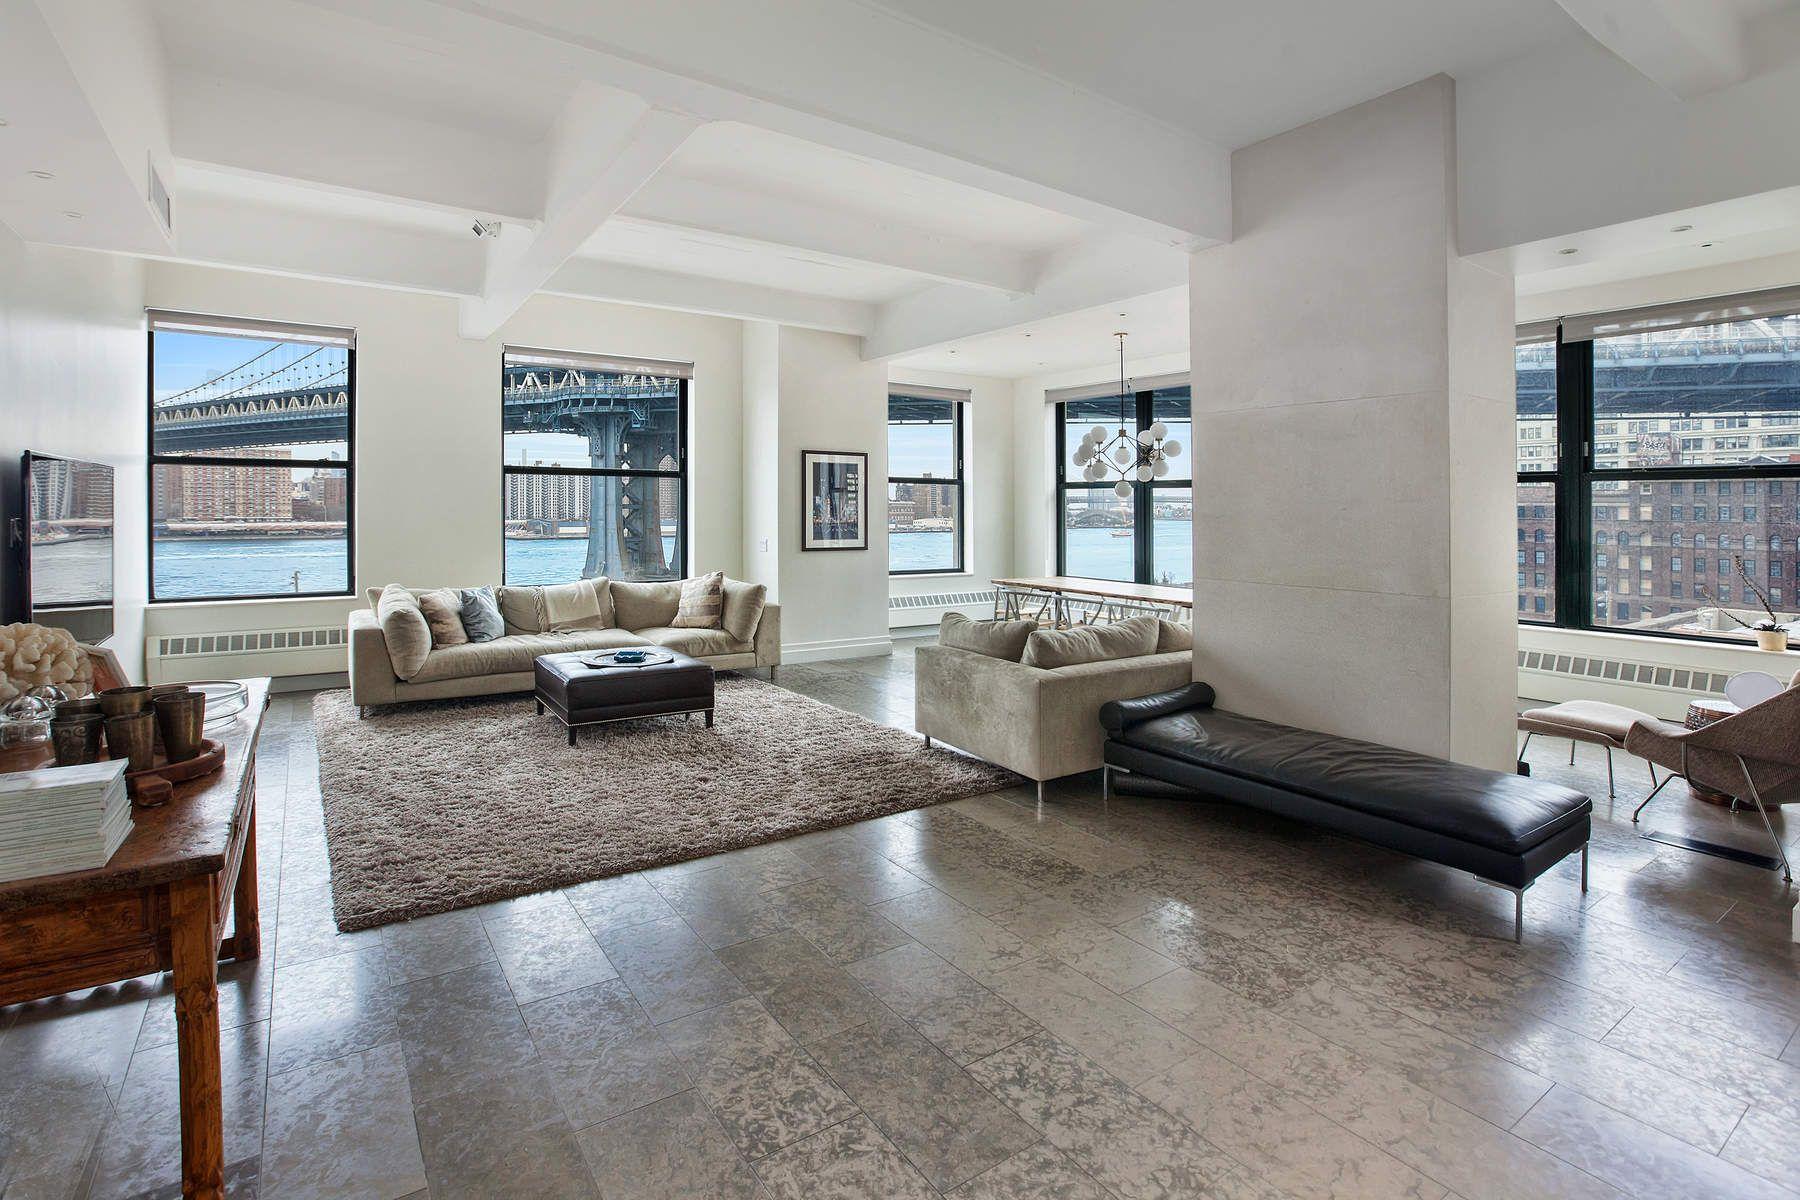 Кондоминиум для того Продажа на Spacious, Renovated Waterfront Loft 1 Main Street Apt 5D Brooklyn, Нью-Йорк 11201 Соединенные Штаты